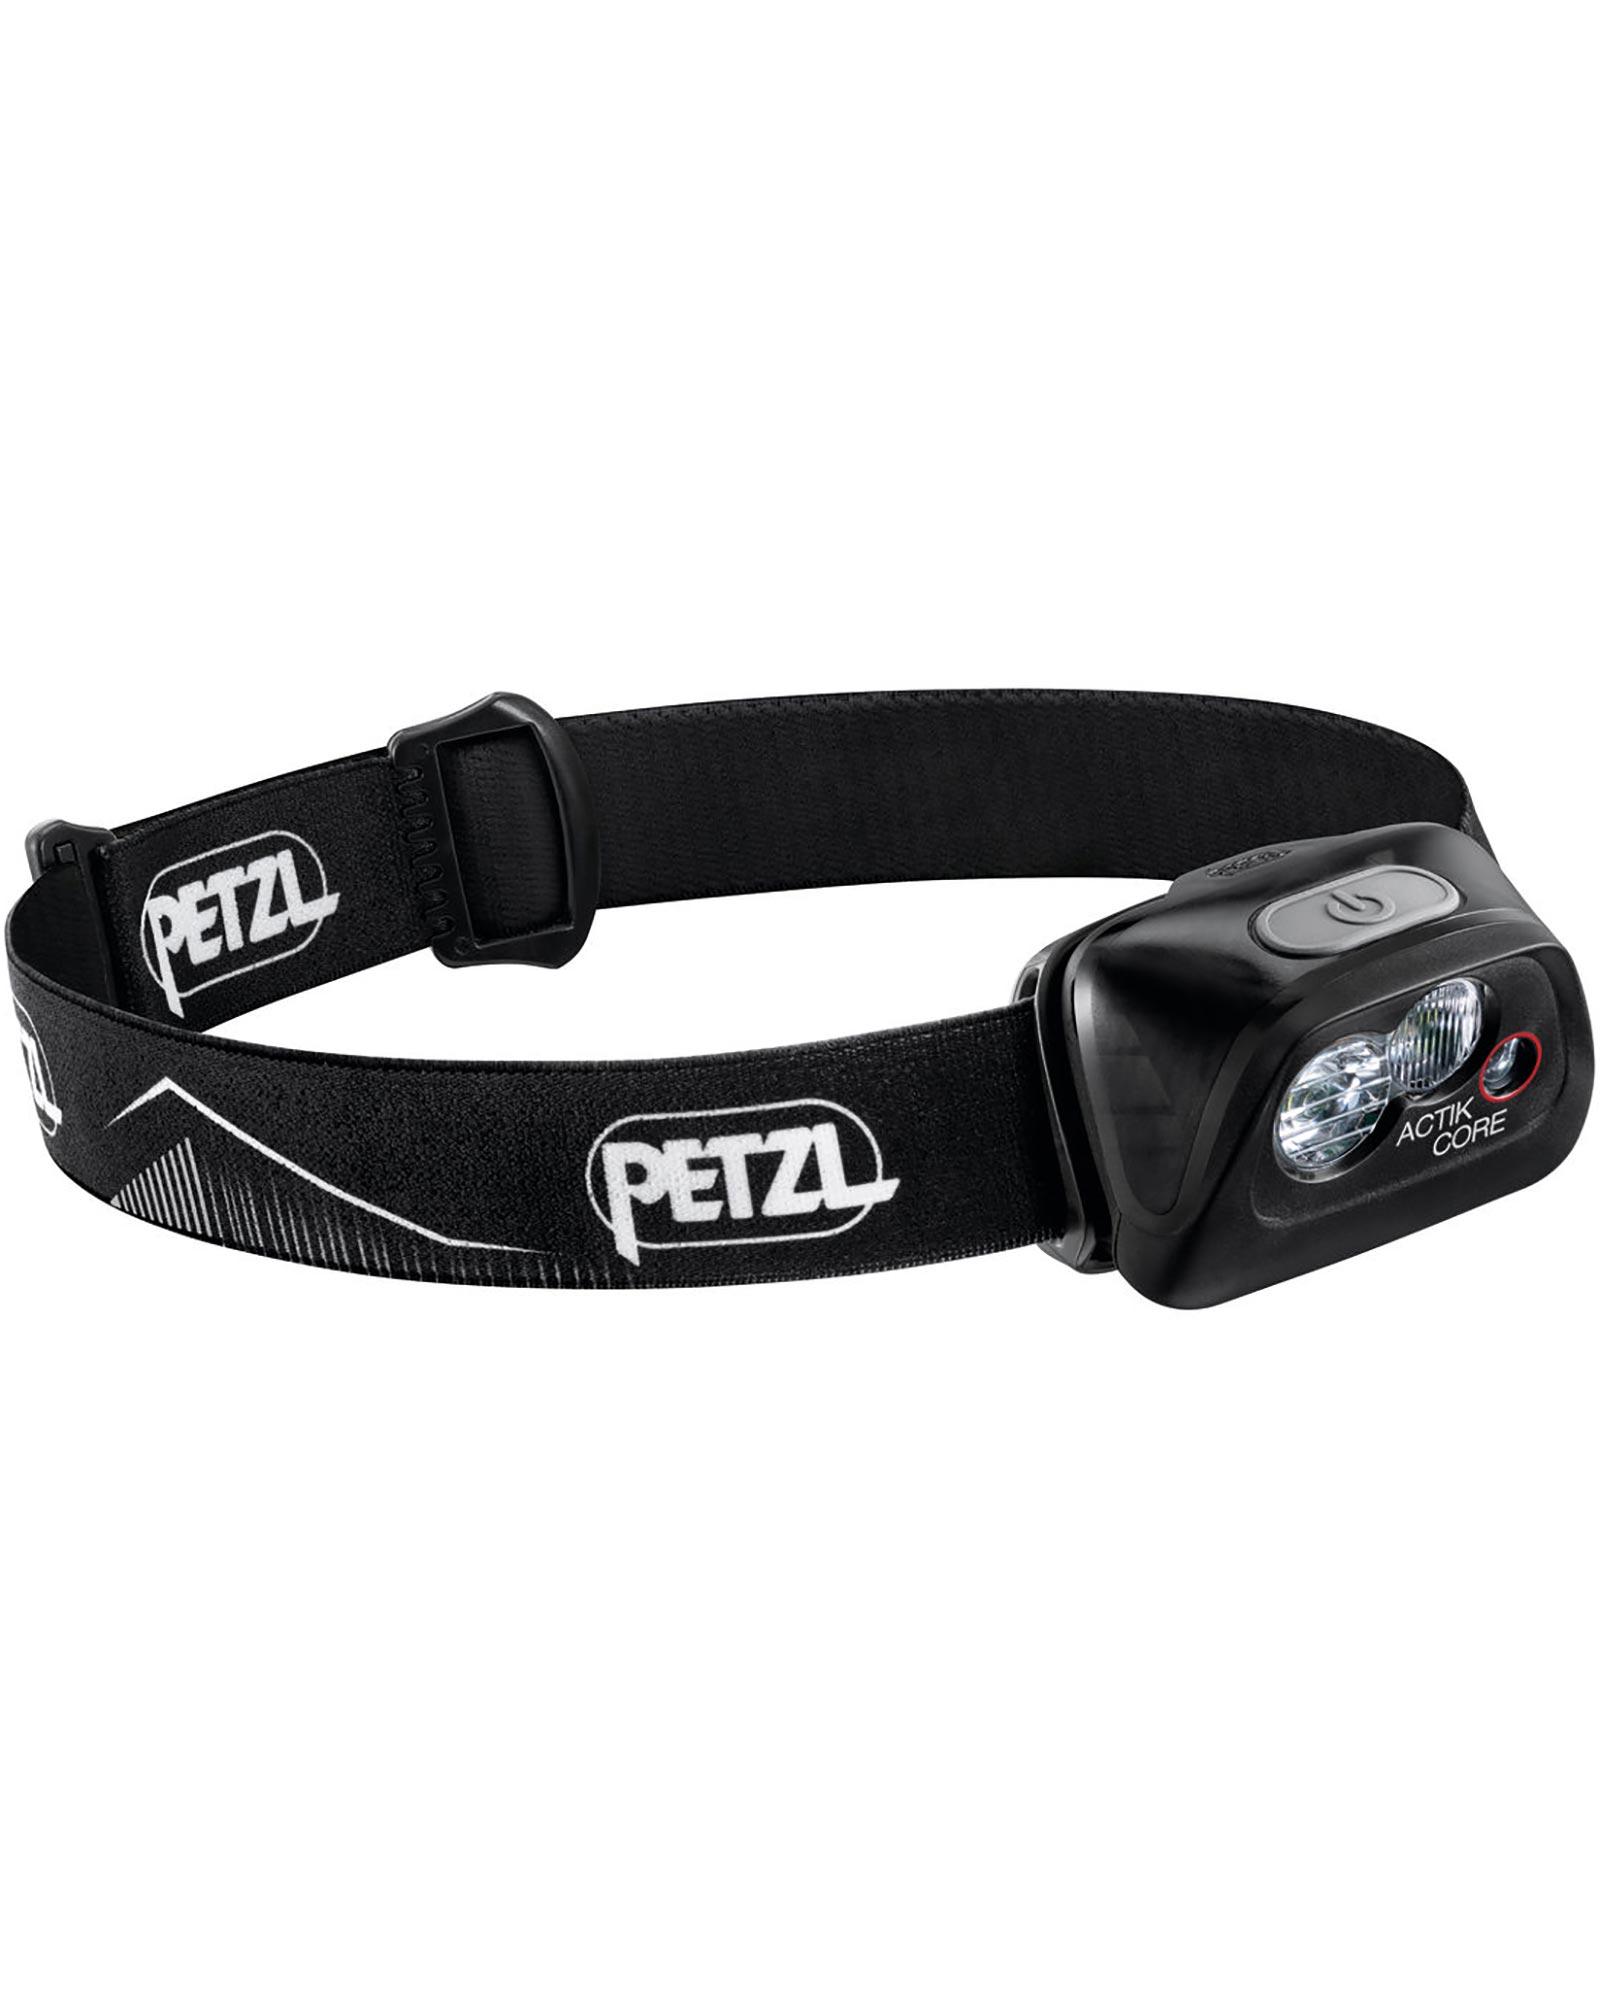 Petzl Actik Core Head Torch 0